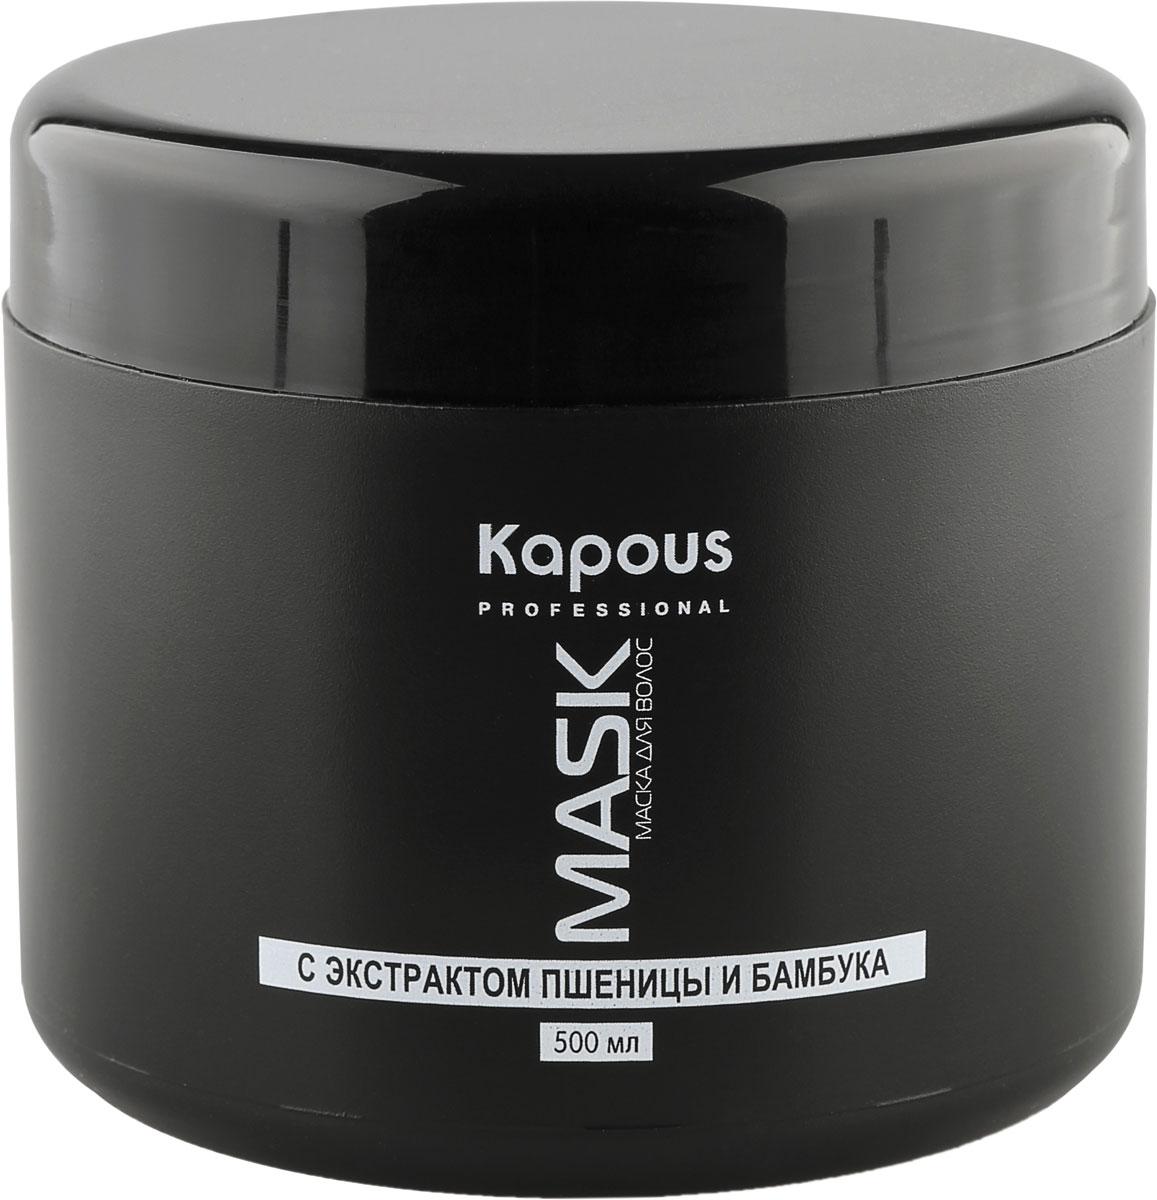 Крем-краска Kapous для волос с Гиалуроновой кислотой Kapous Hyaluronic acid 100 мл.